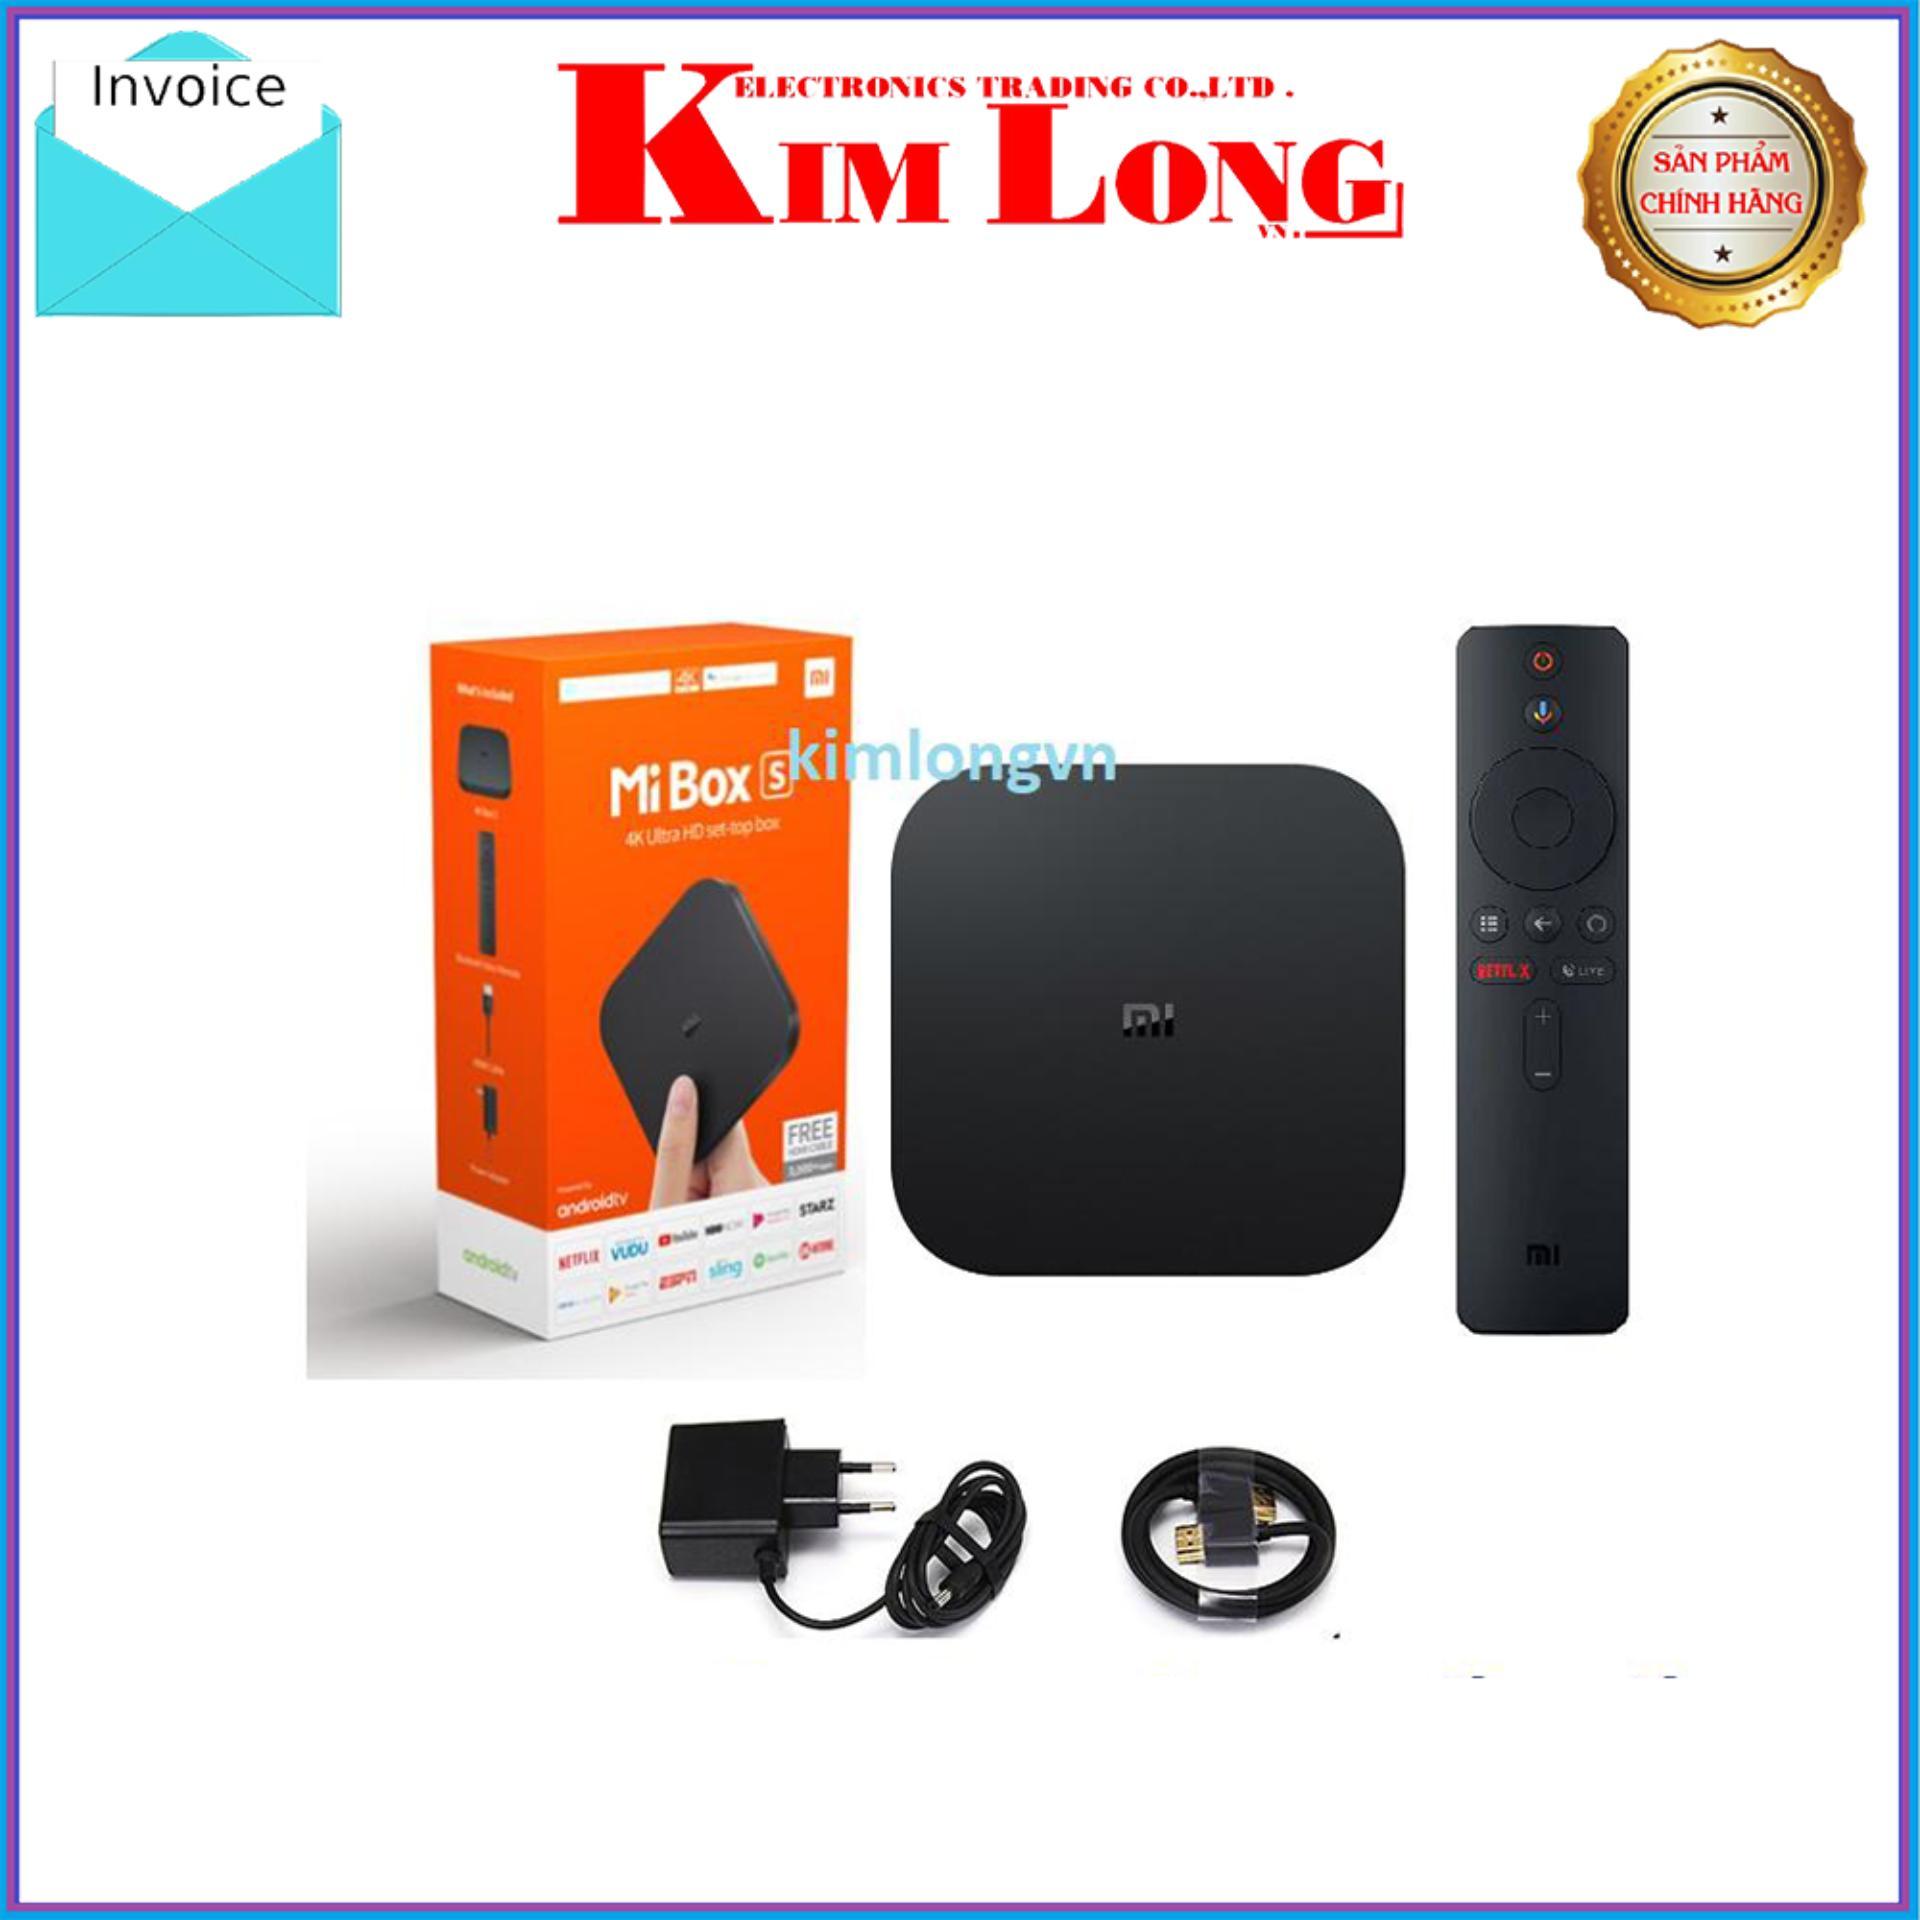 Bảng giá Android TV Box Mibox S 4k HDR Quốc Tế Tiếng Việt - Digiworld phân phối